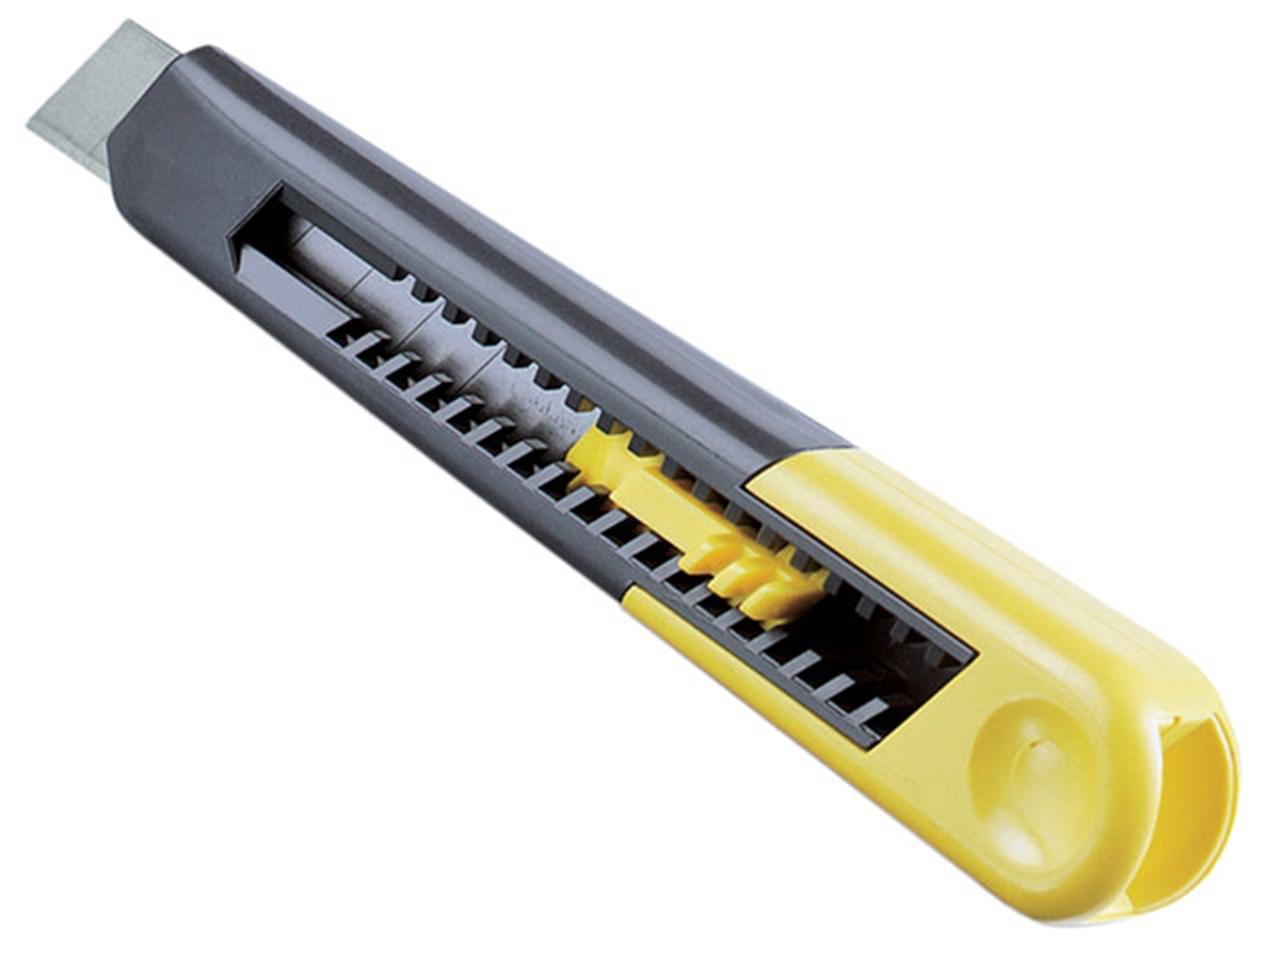 dao-roc-giay-stanley-10-151-18mm-mau-vang-co-bao-bi